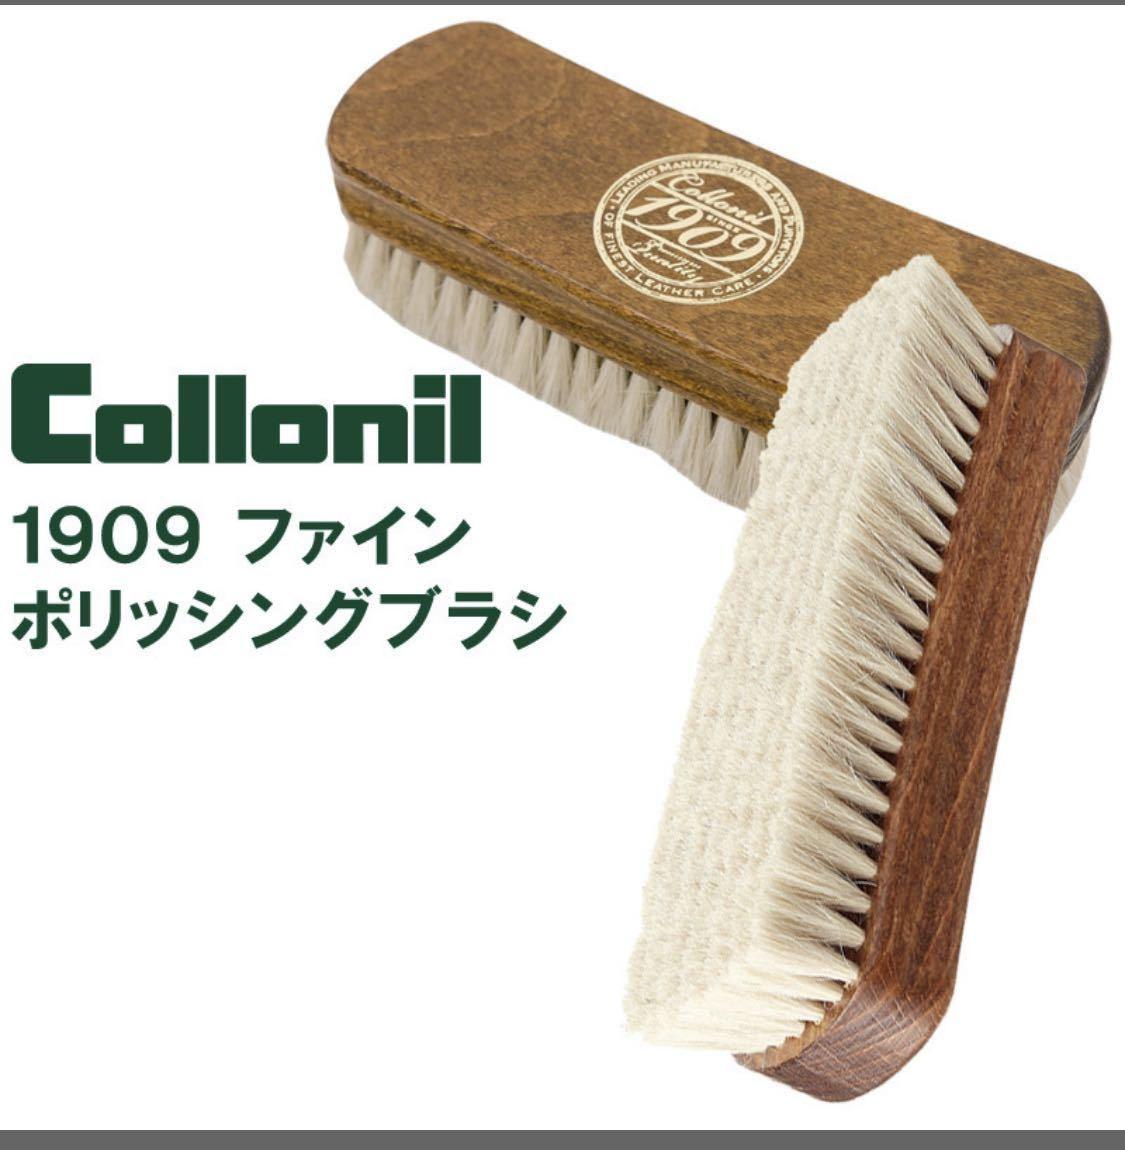 コロニル 1909 FINE POLISHING BRUSH ファインポリシングブラシ 山羊毛ブラシ 靴磨き_画像1